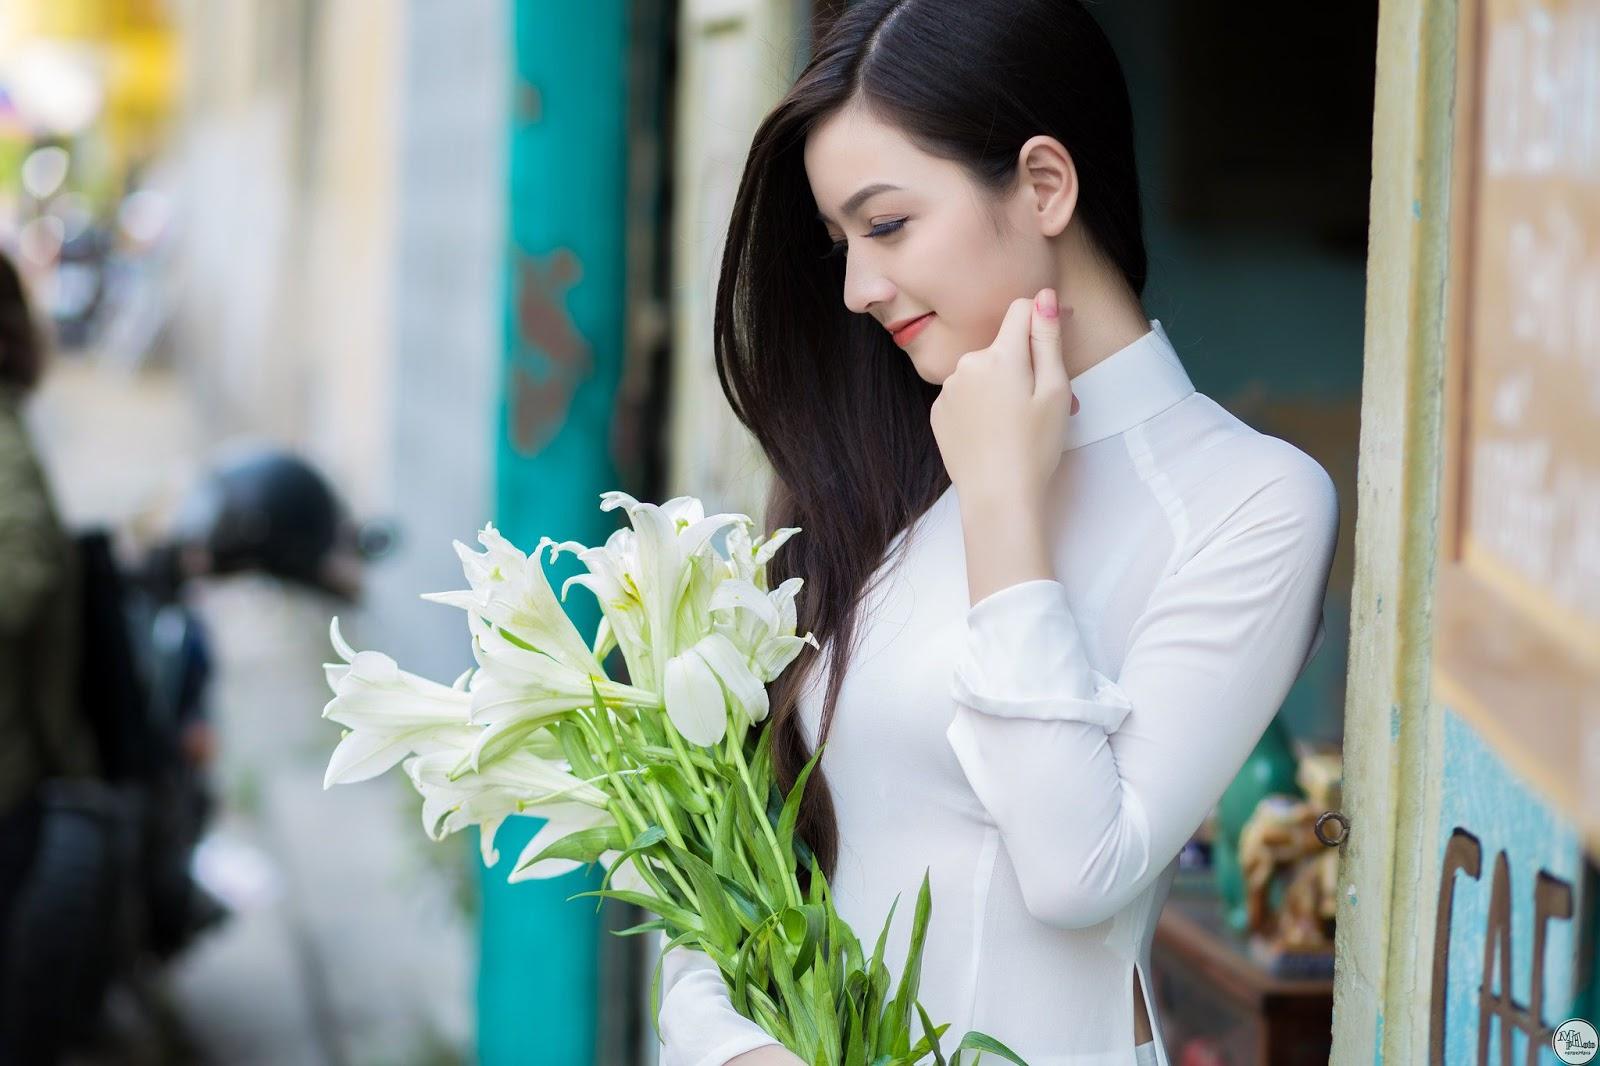 Top ảnh girl xinh Việt với áo dài thướt tha đẹp mê mẩn lòng người #1